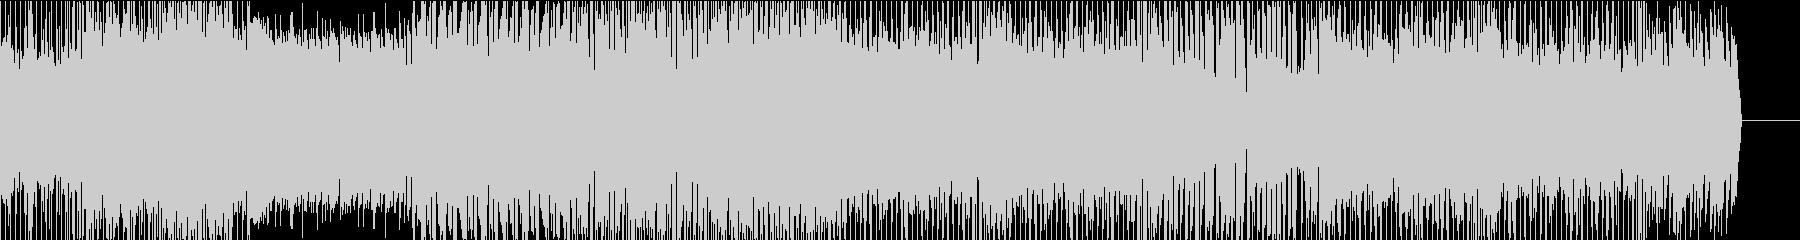 アゲアゲなトランスミュージック2の未再生の波形